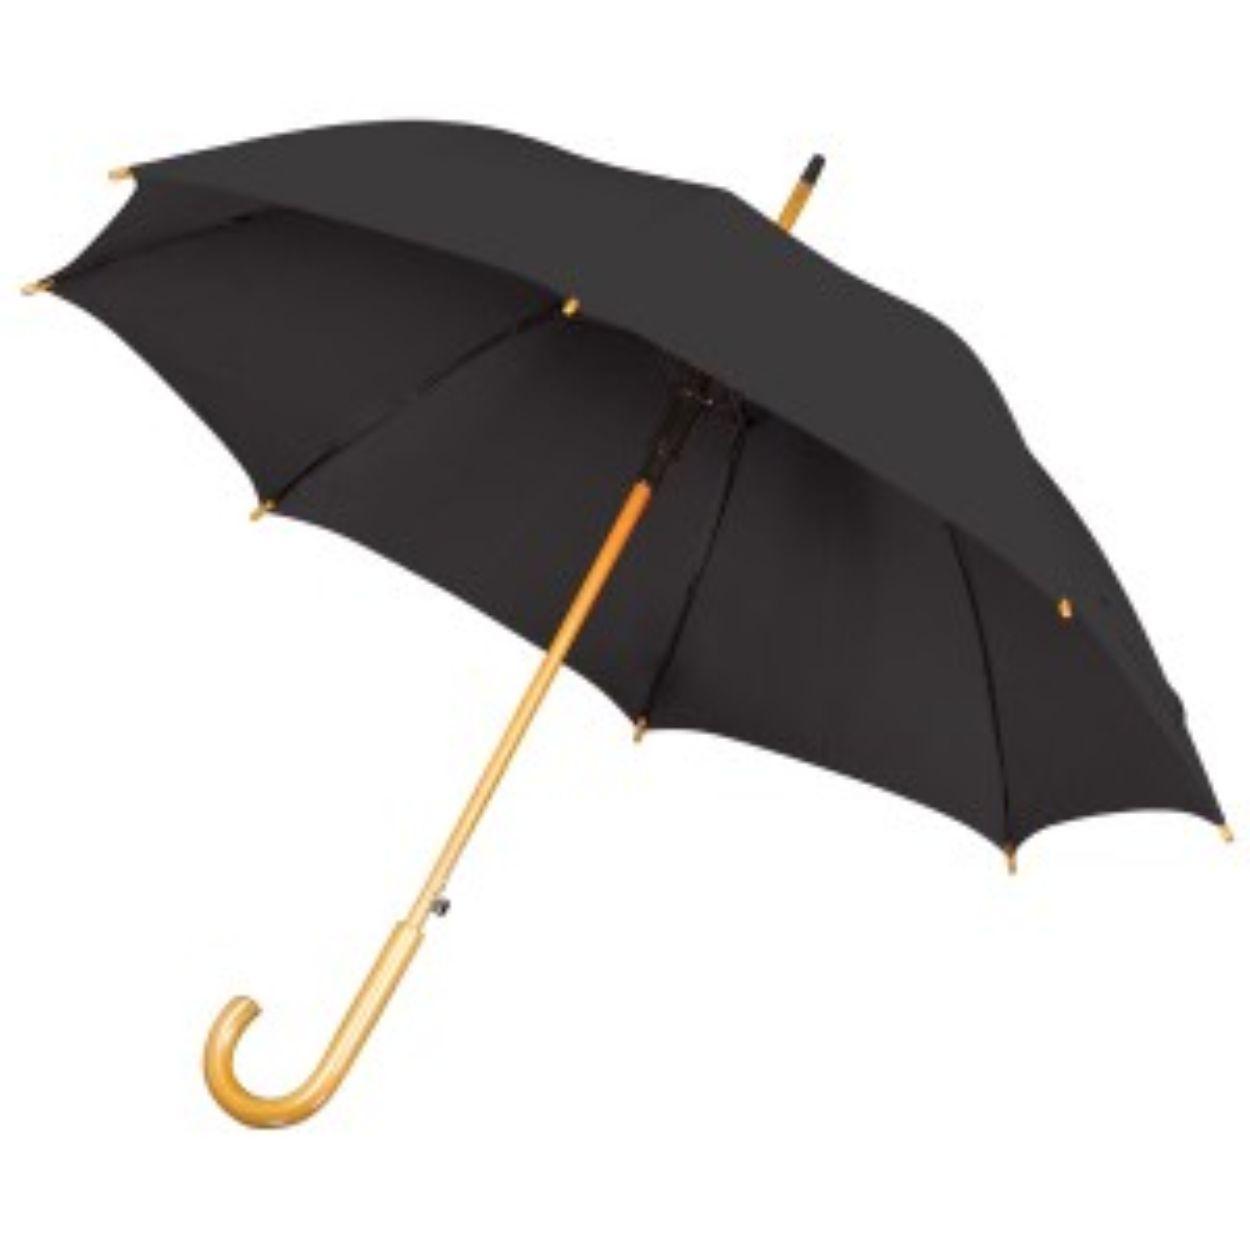 зонты оптом в Самаре с доставкой по России